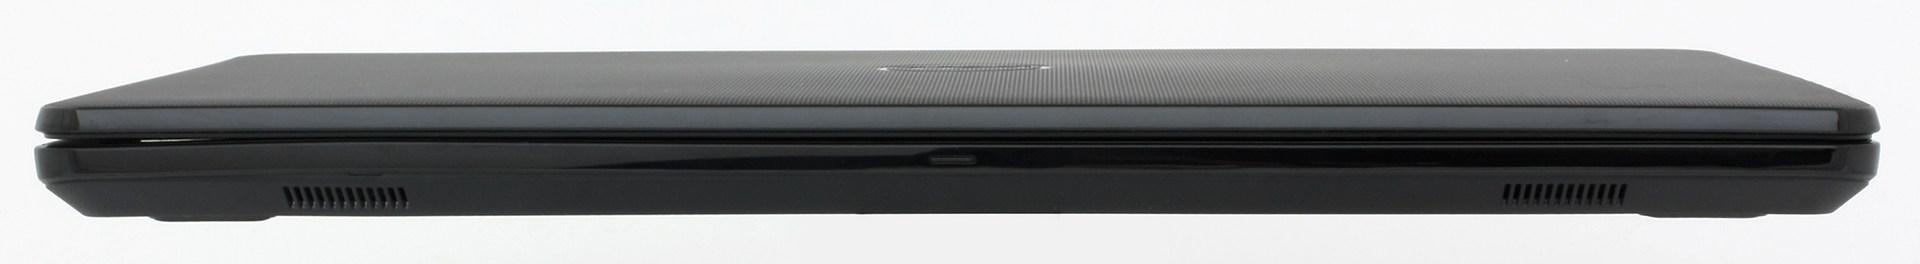 Сложенный ноутбук